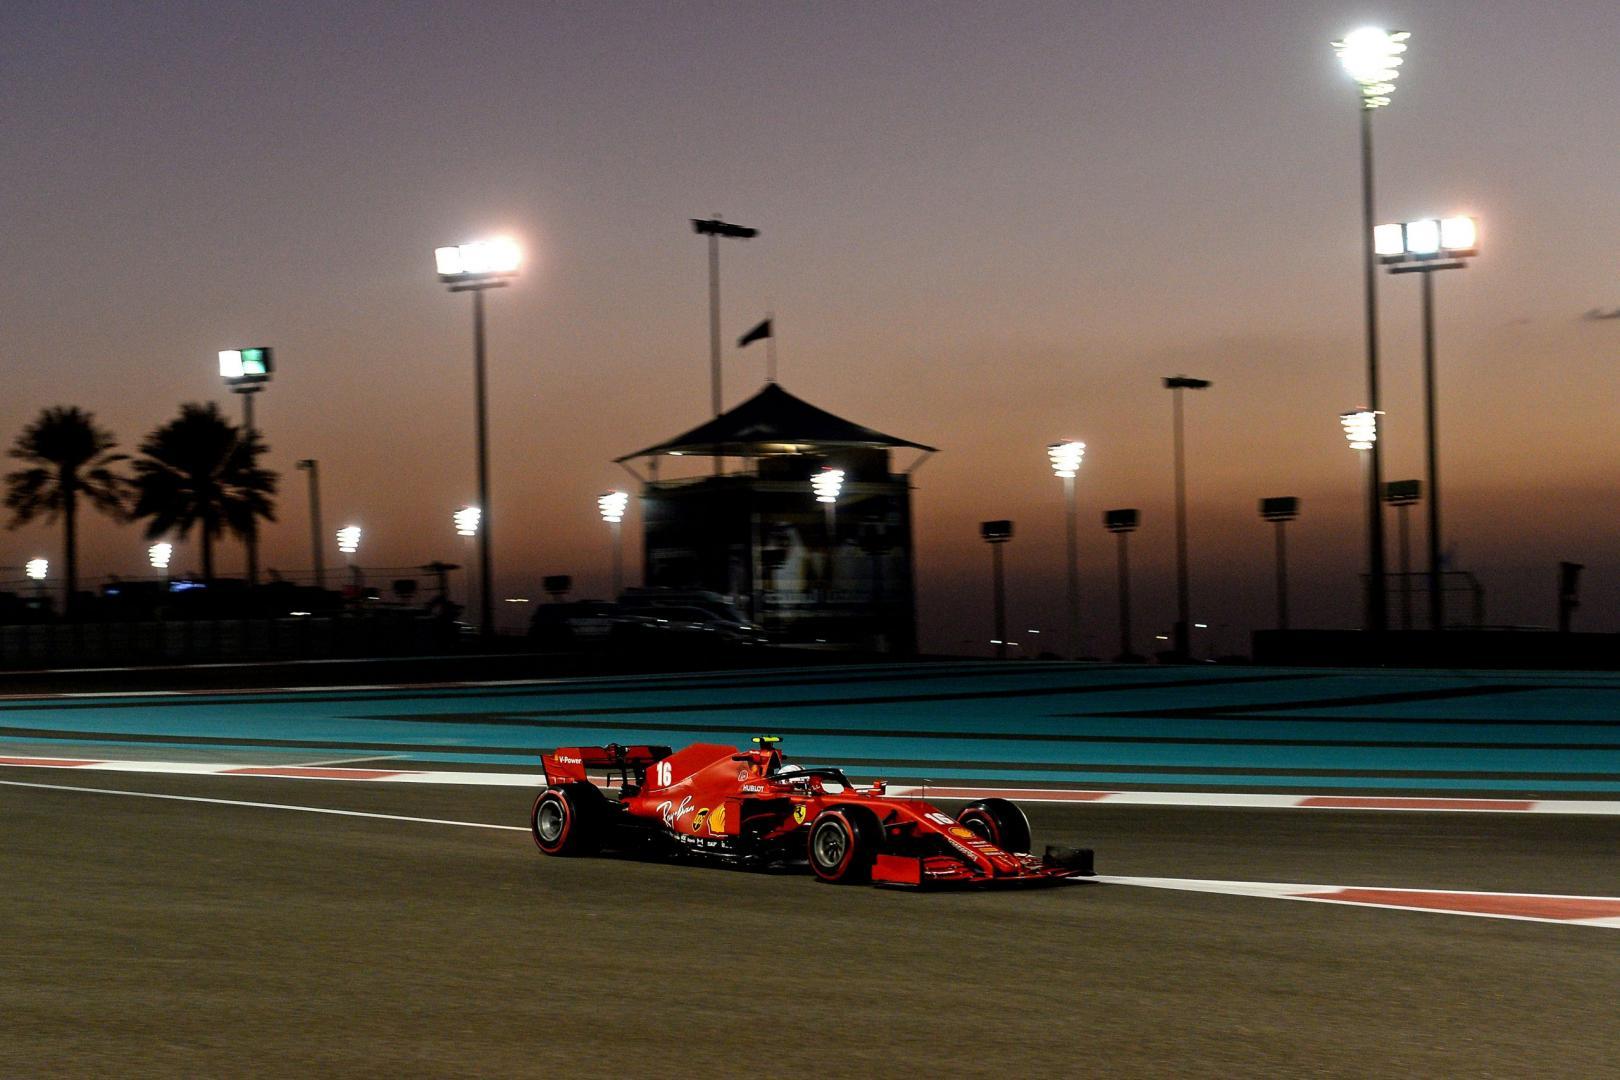 Kwalificatie van de GP van Abu Dhabi 2020